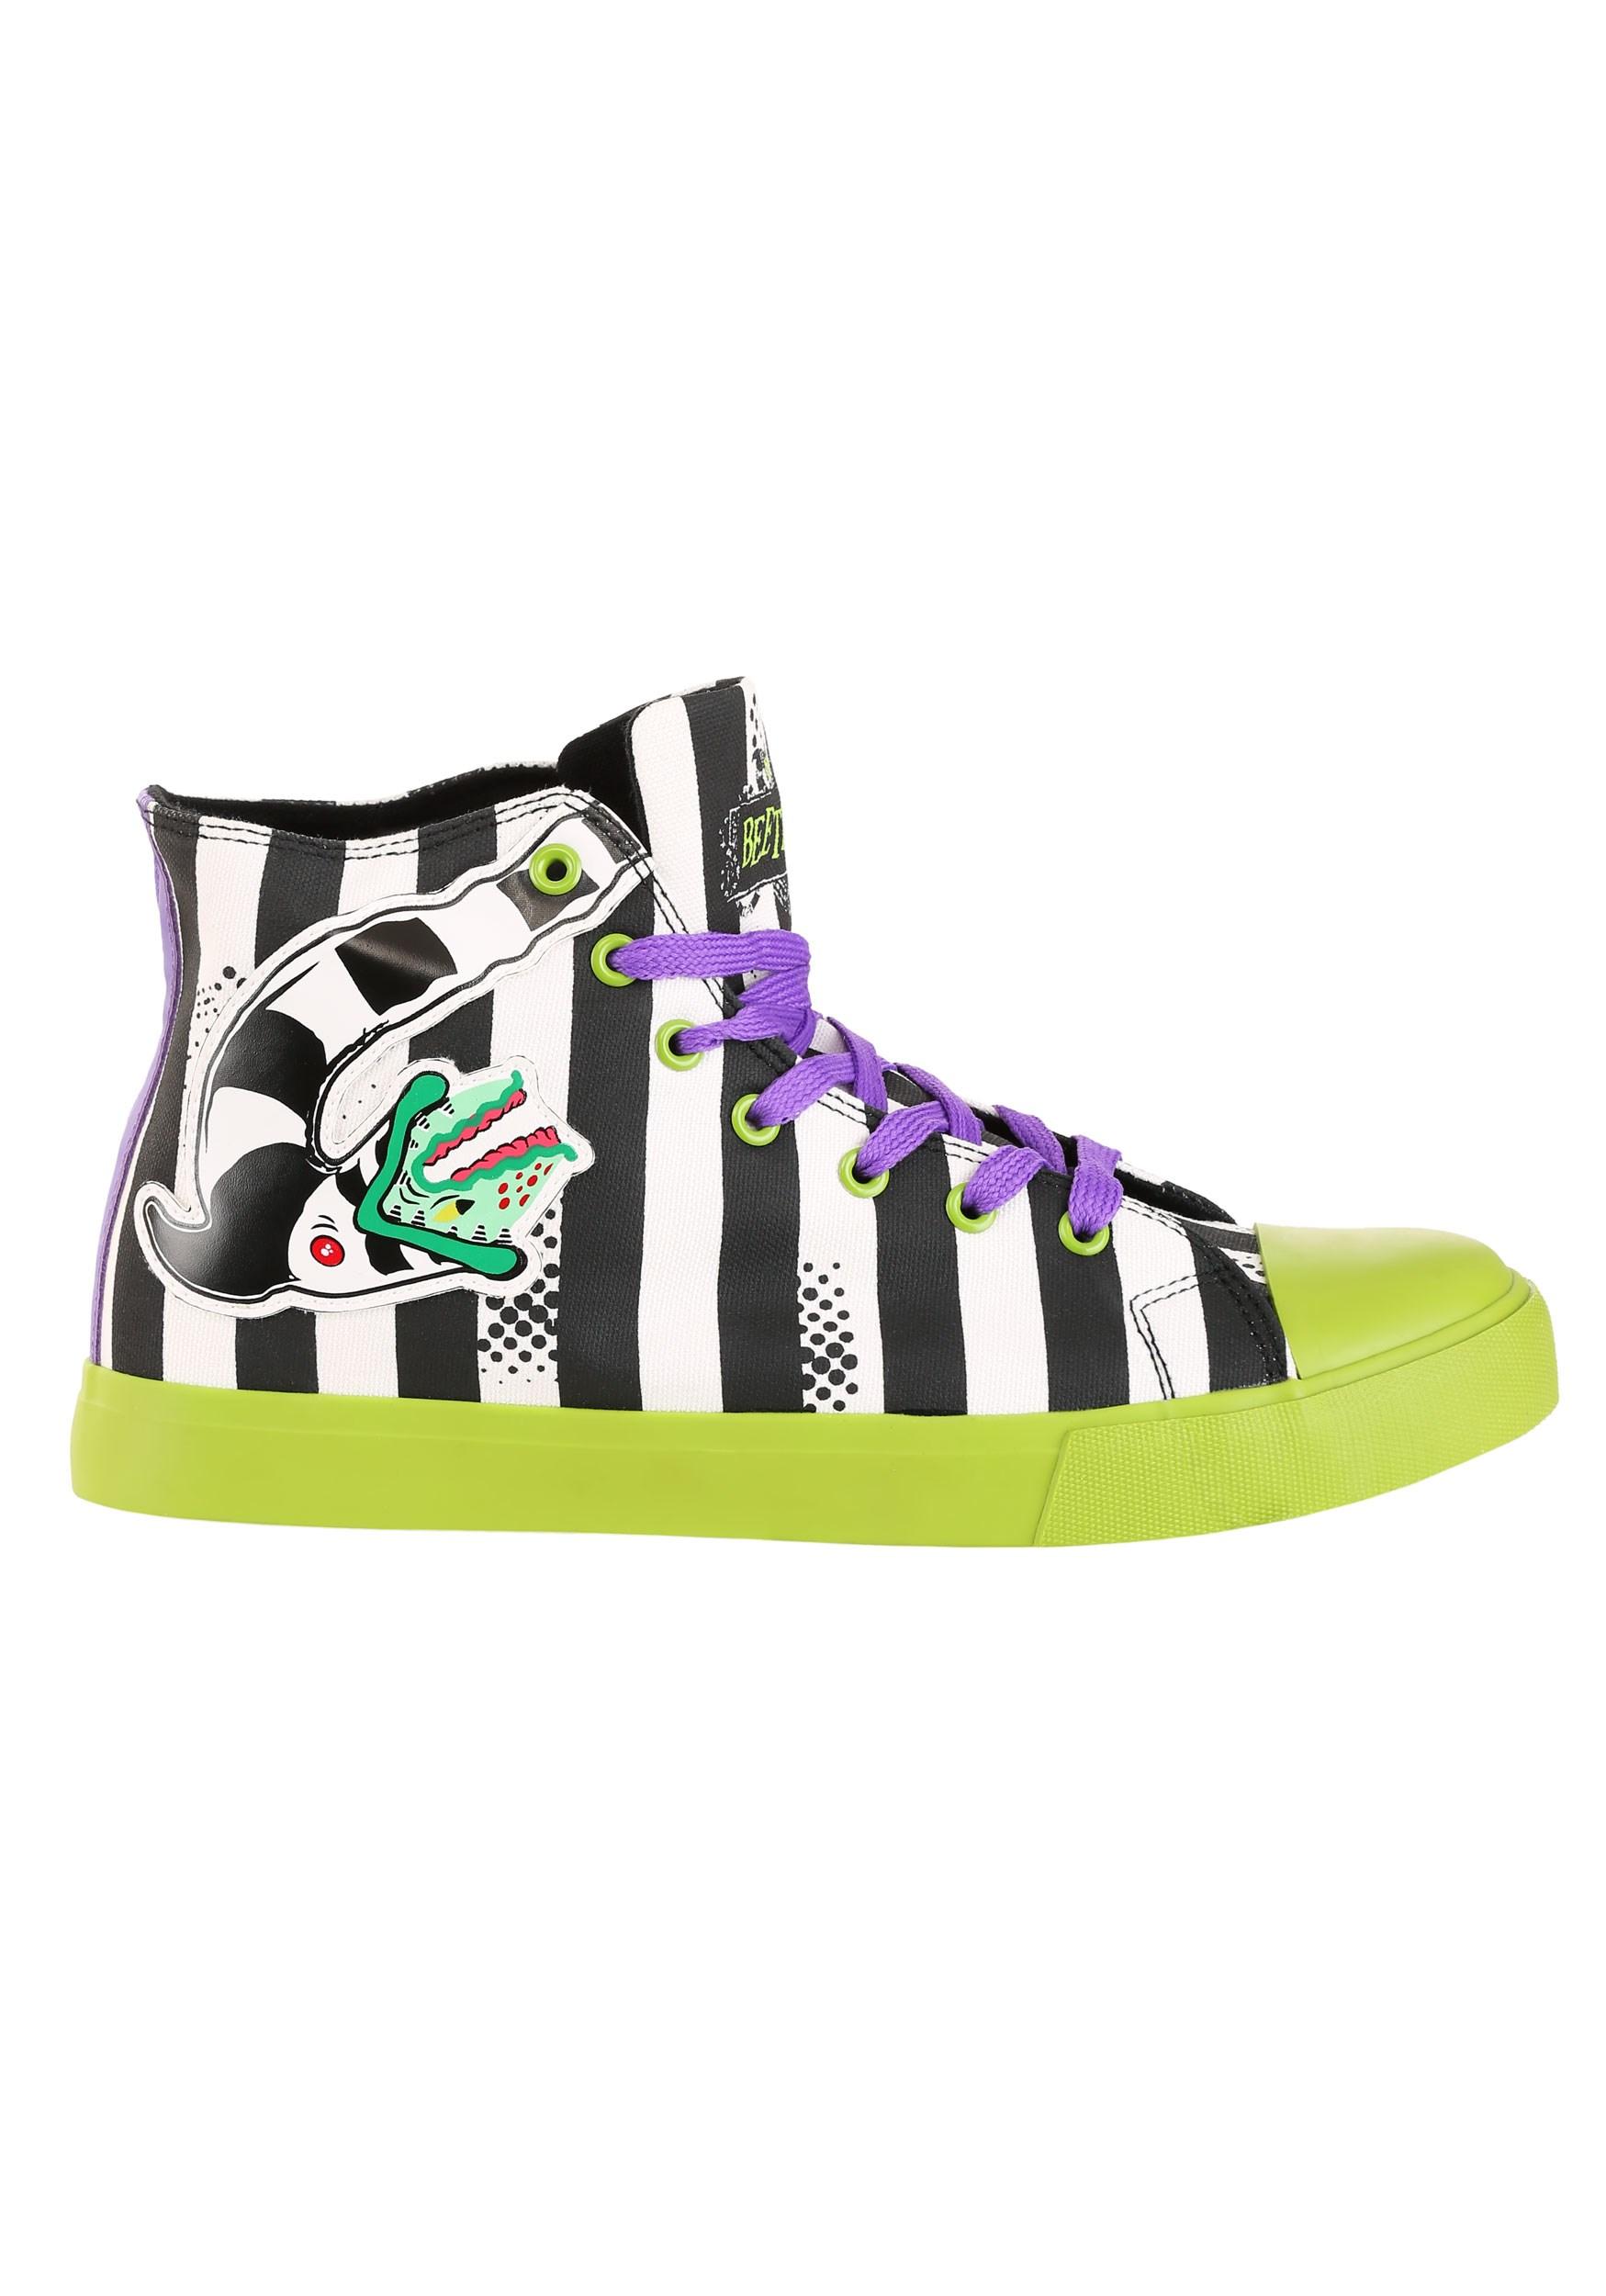 Striped Beetlejuice Unisex Sneakers